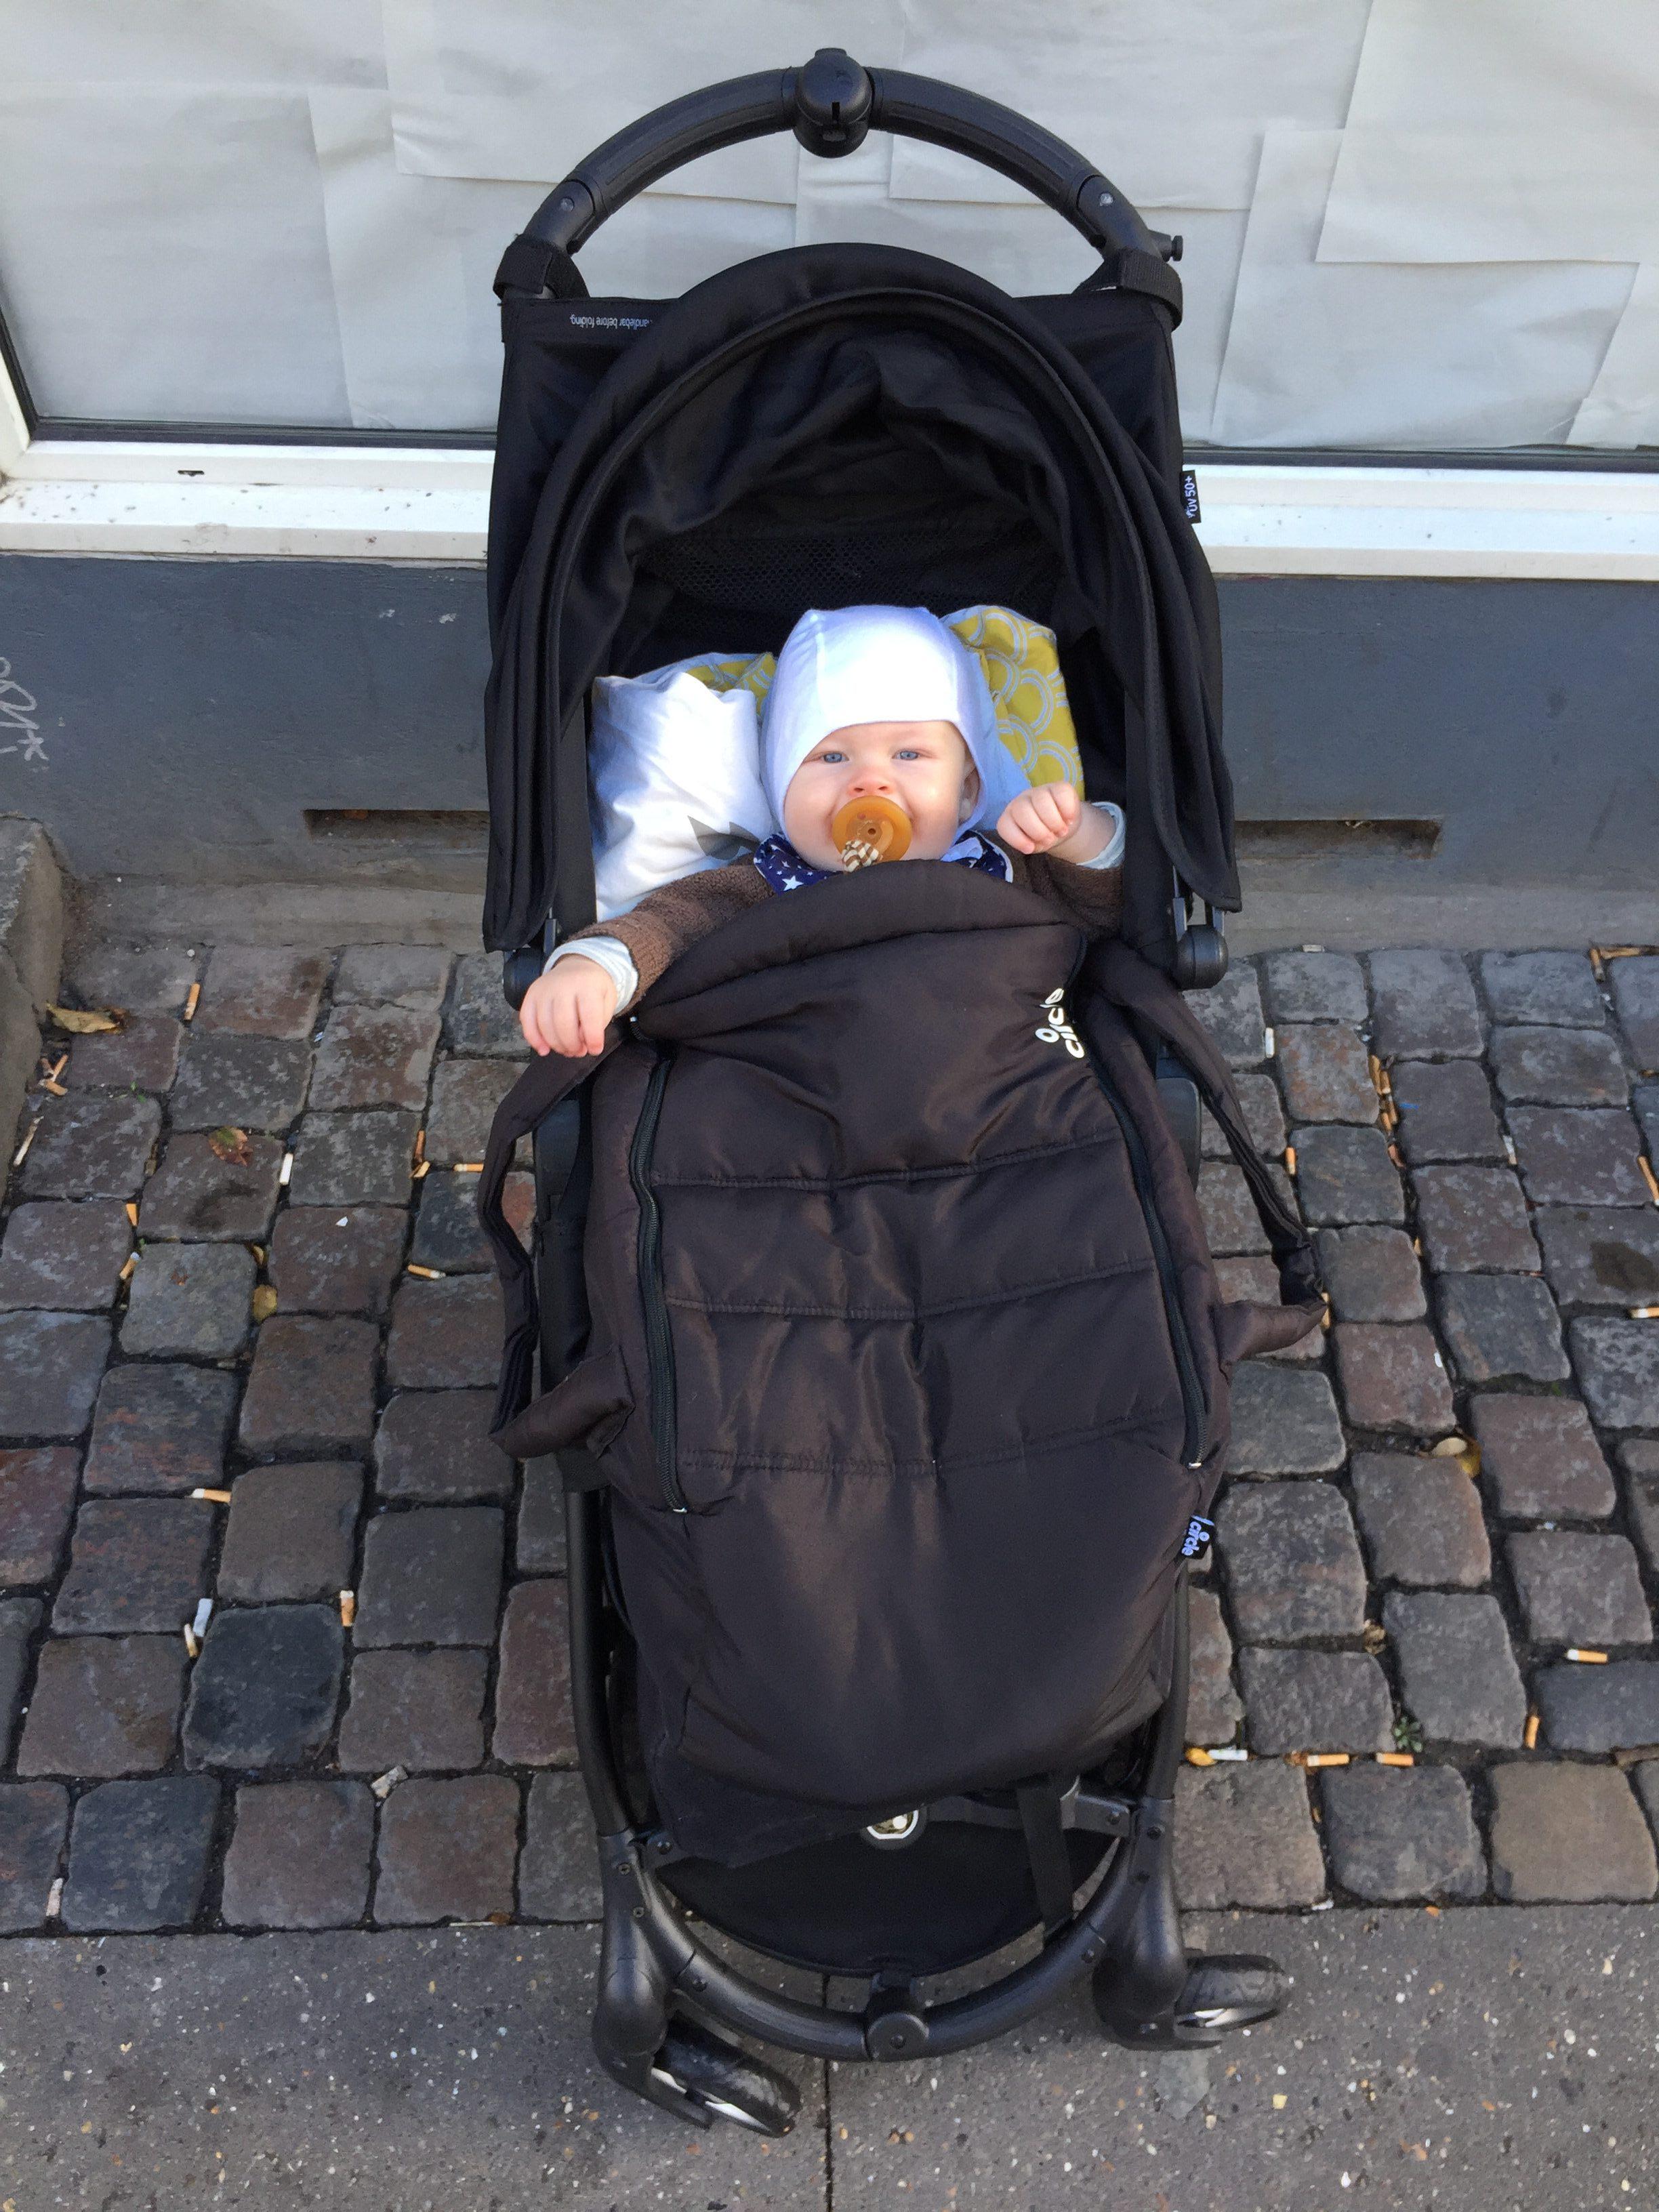 Rejseklapvogn fra Baby Jogger samt blød lift